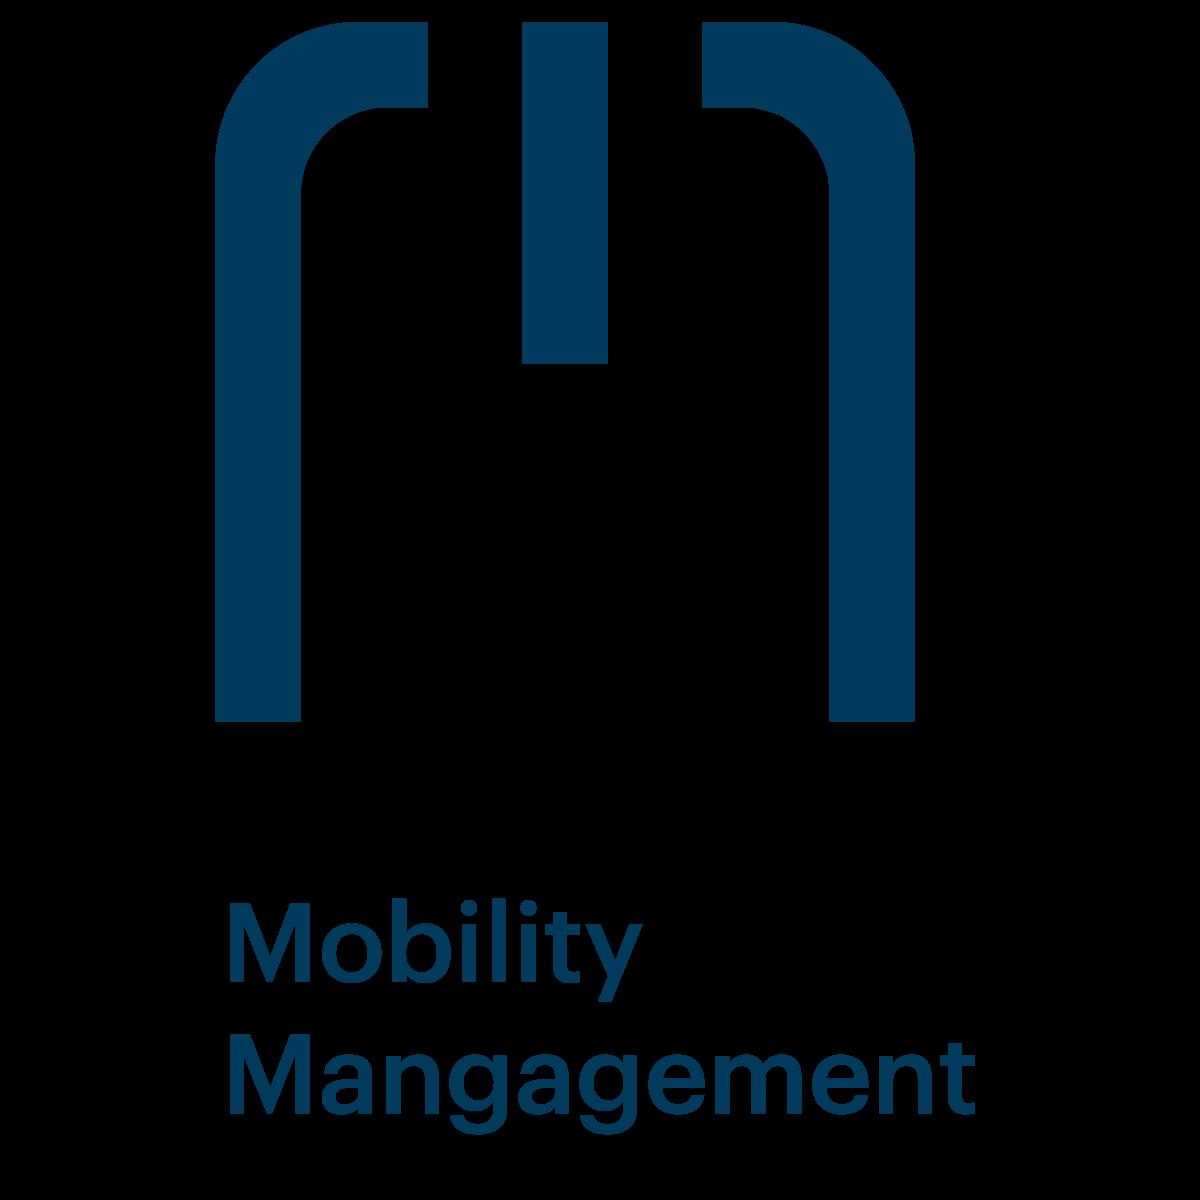 MobilityManagement